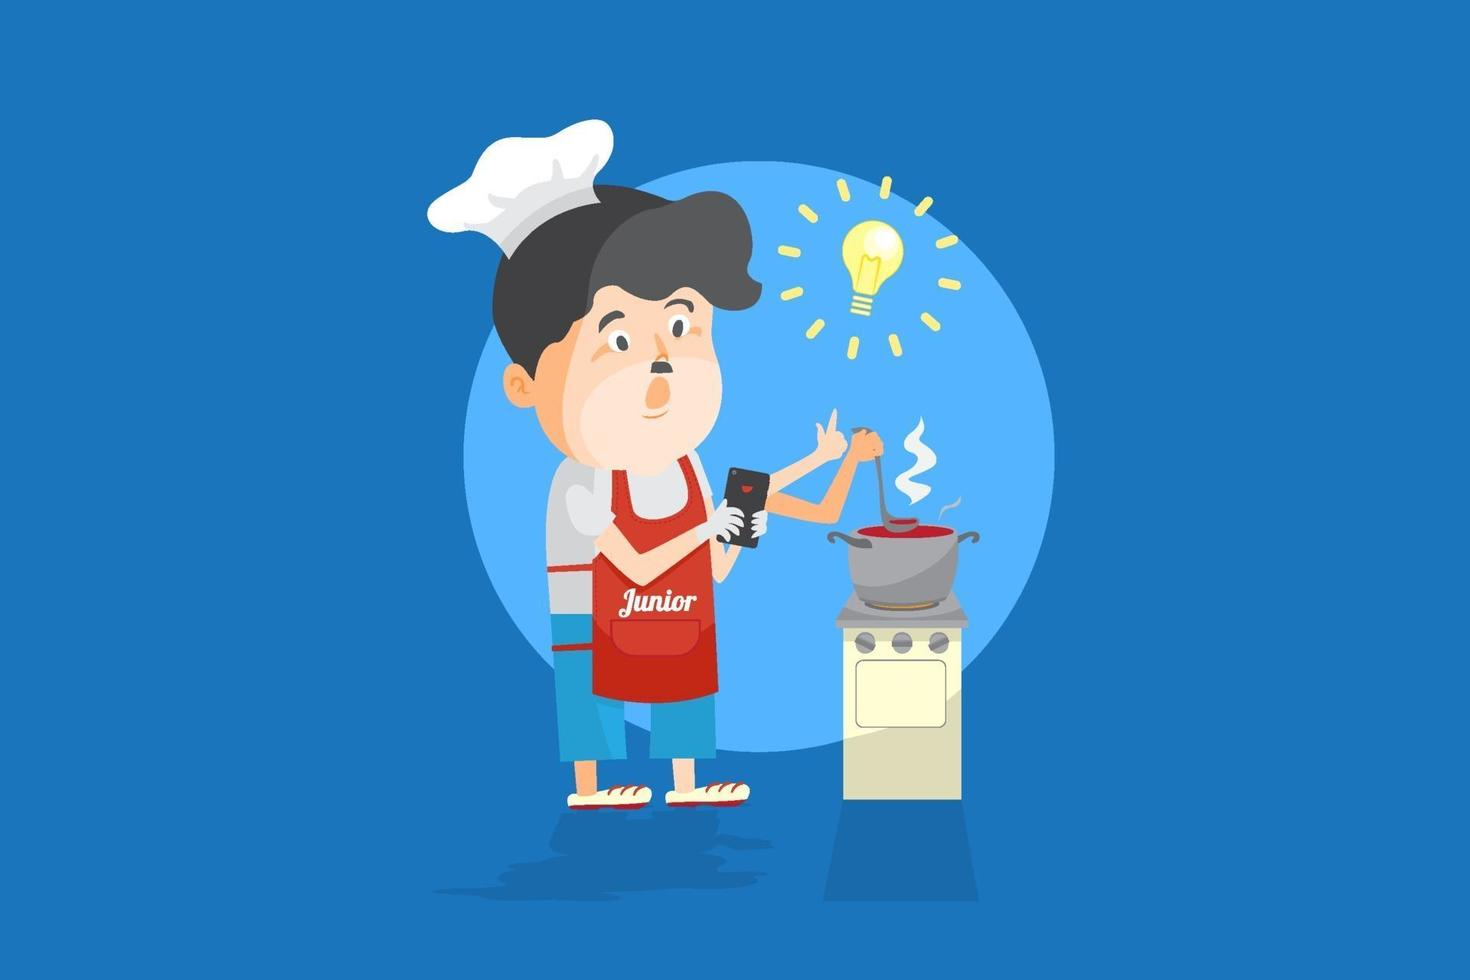 amateur chef leren voedsel cursus vorm online les in smartphone, studeren in kookles online streaming, zoals face to face opleiding cartoon platte vectorillustratie. vector